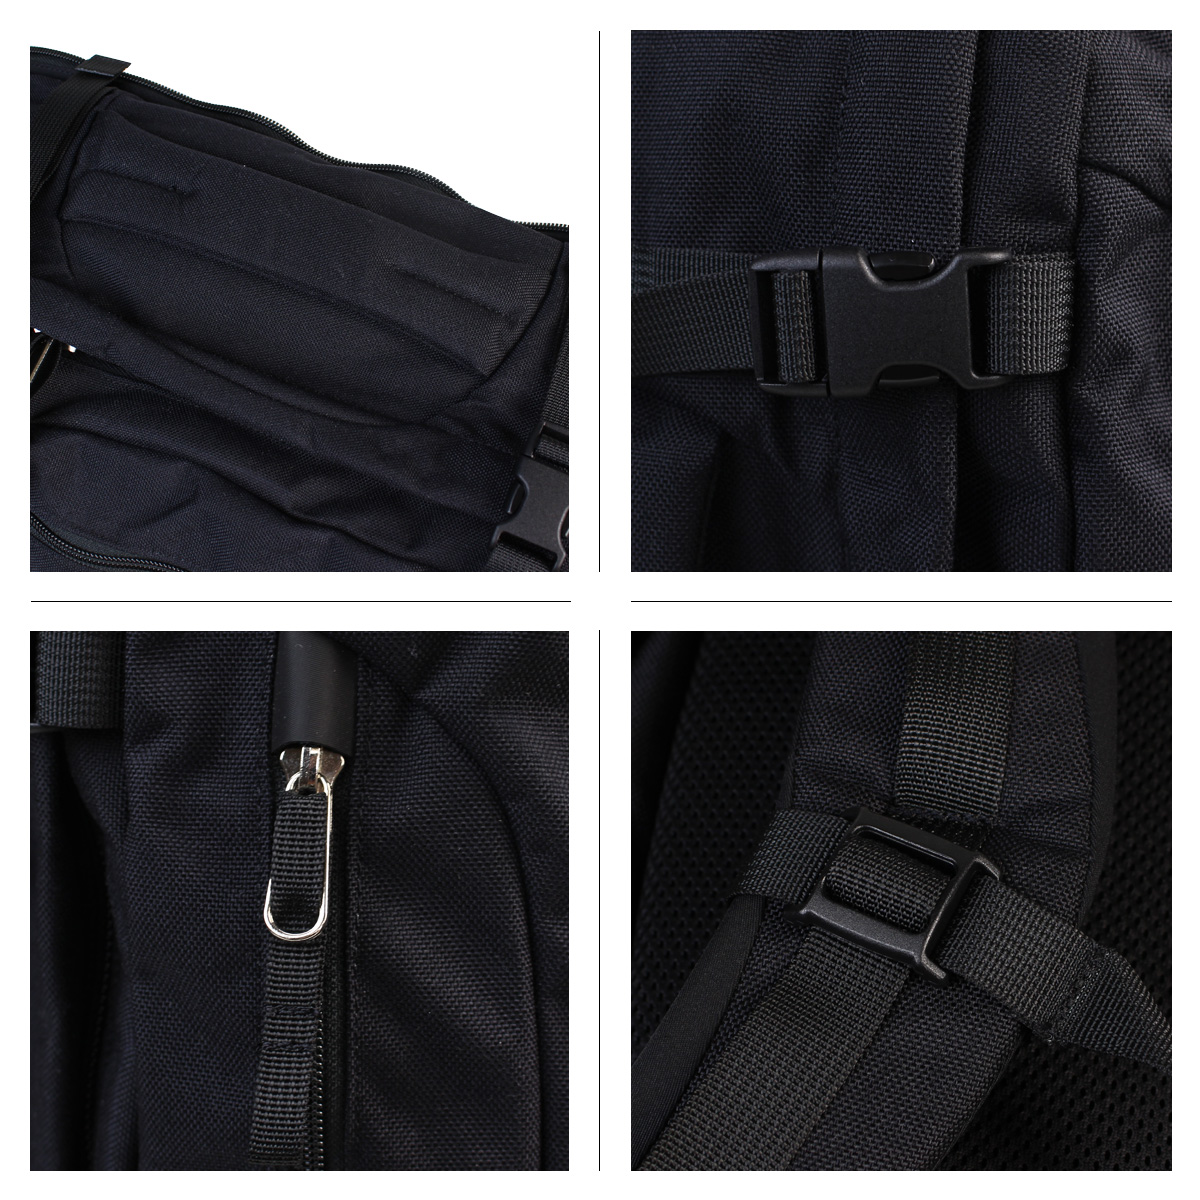 巴赫背包28L BACH帆布背包TRAVELSTAR 28 kodeyura 132501女子的男子的黑色[3/16新進貨]